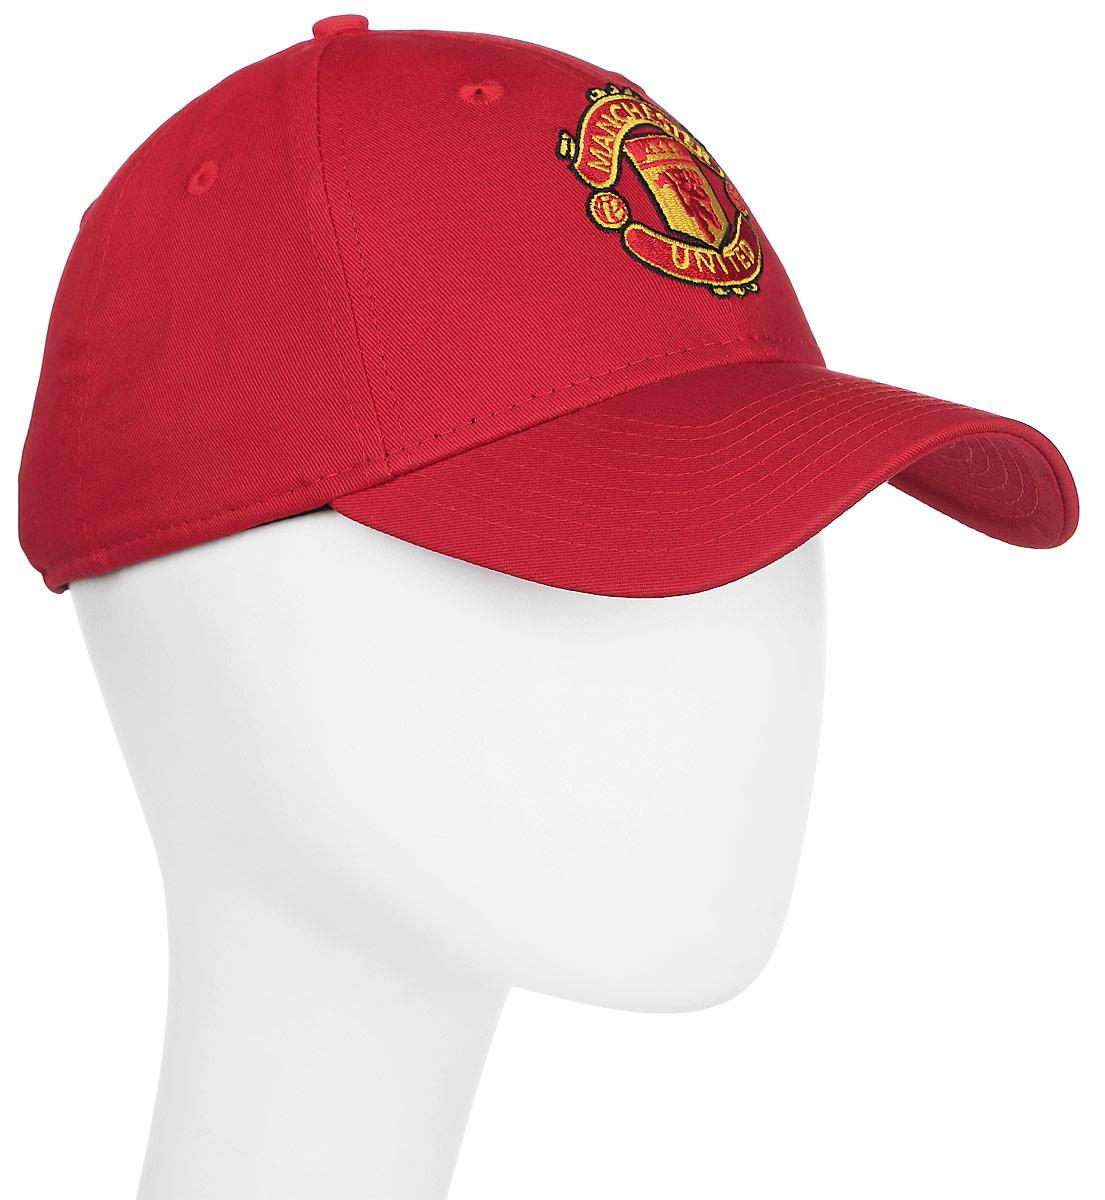 Бейсболка New Era Manutd, цвет: красный. 11213219-SCA. Размер универсальный11213219-SCAРегулируемая бейсболка модели 9Forty c логотипом футбольной команды Manchester United и логотипом New Era.